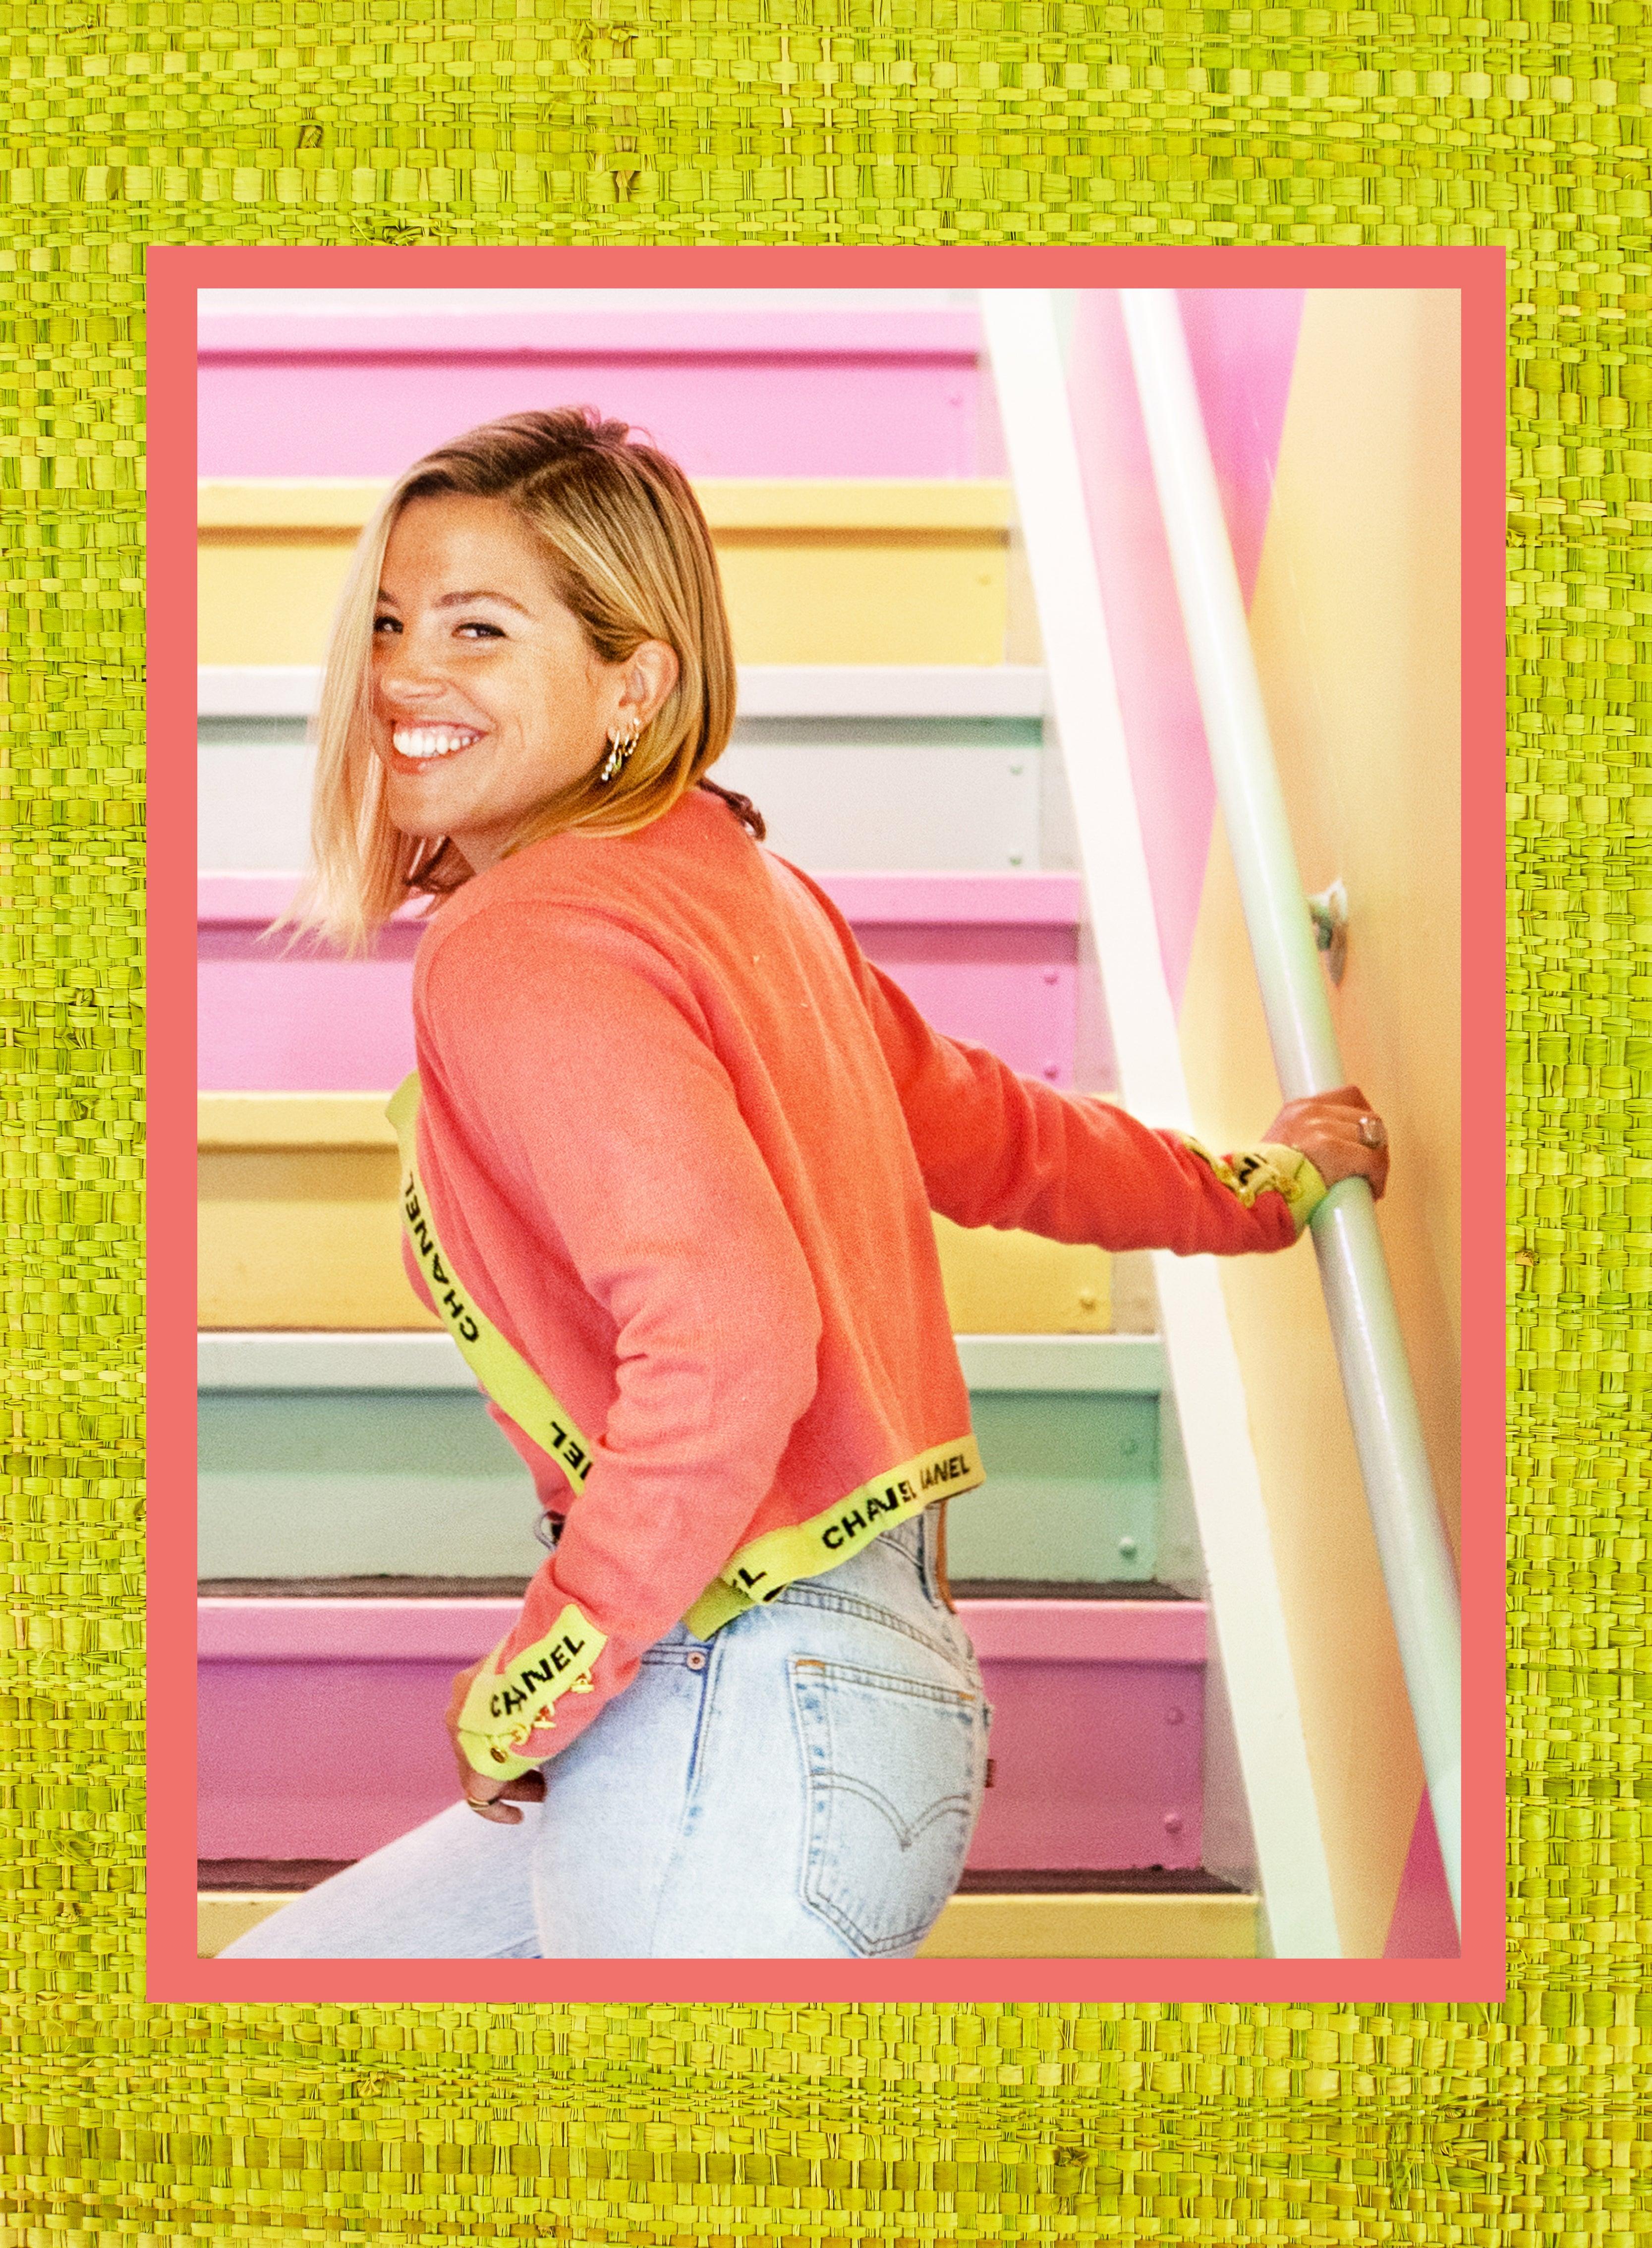 Sasha Bikoff's Favorite IKEA product_Grapic_02